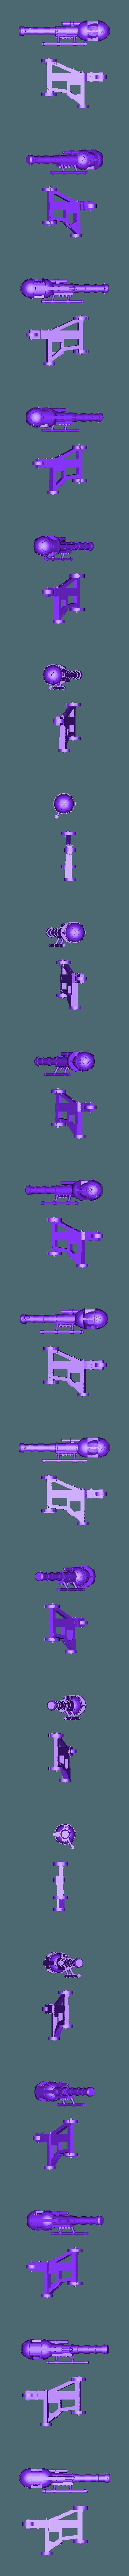 RattyZapZaptwoPart.stl Télécharger fichier STL gratuit Ratty Zap Zap Zap Cannon version en deux parties • Plan pour imprimante 3D, barnEbiss2